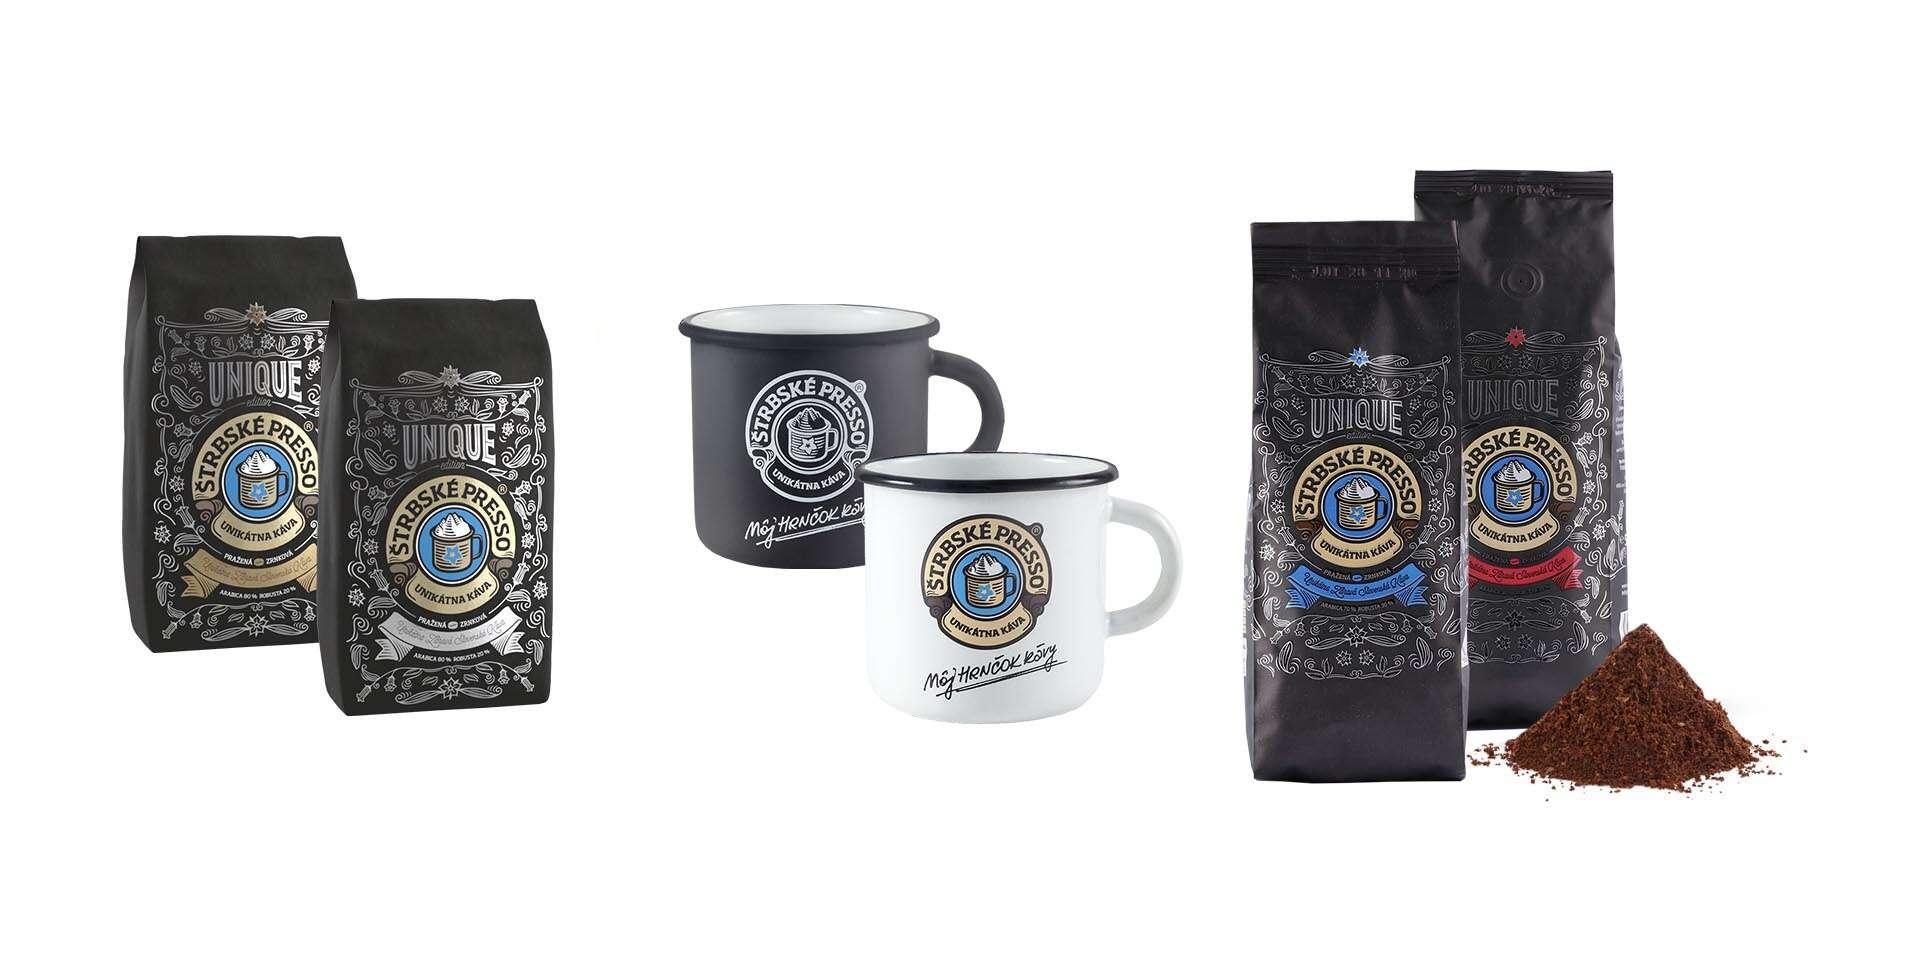 Káva Štrbské Presso Unique + hrnčok v hodnote 11,49 € alebo ponožky v hodnote 7,90 € ako bonus pri objednávke kila a viac kávy